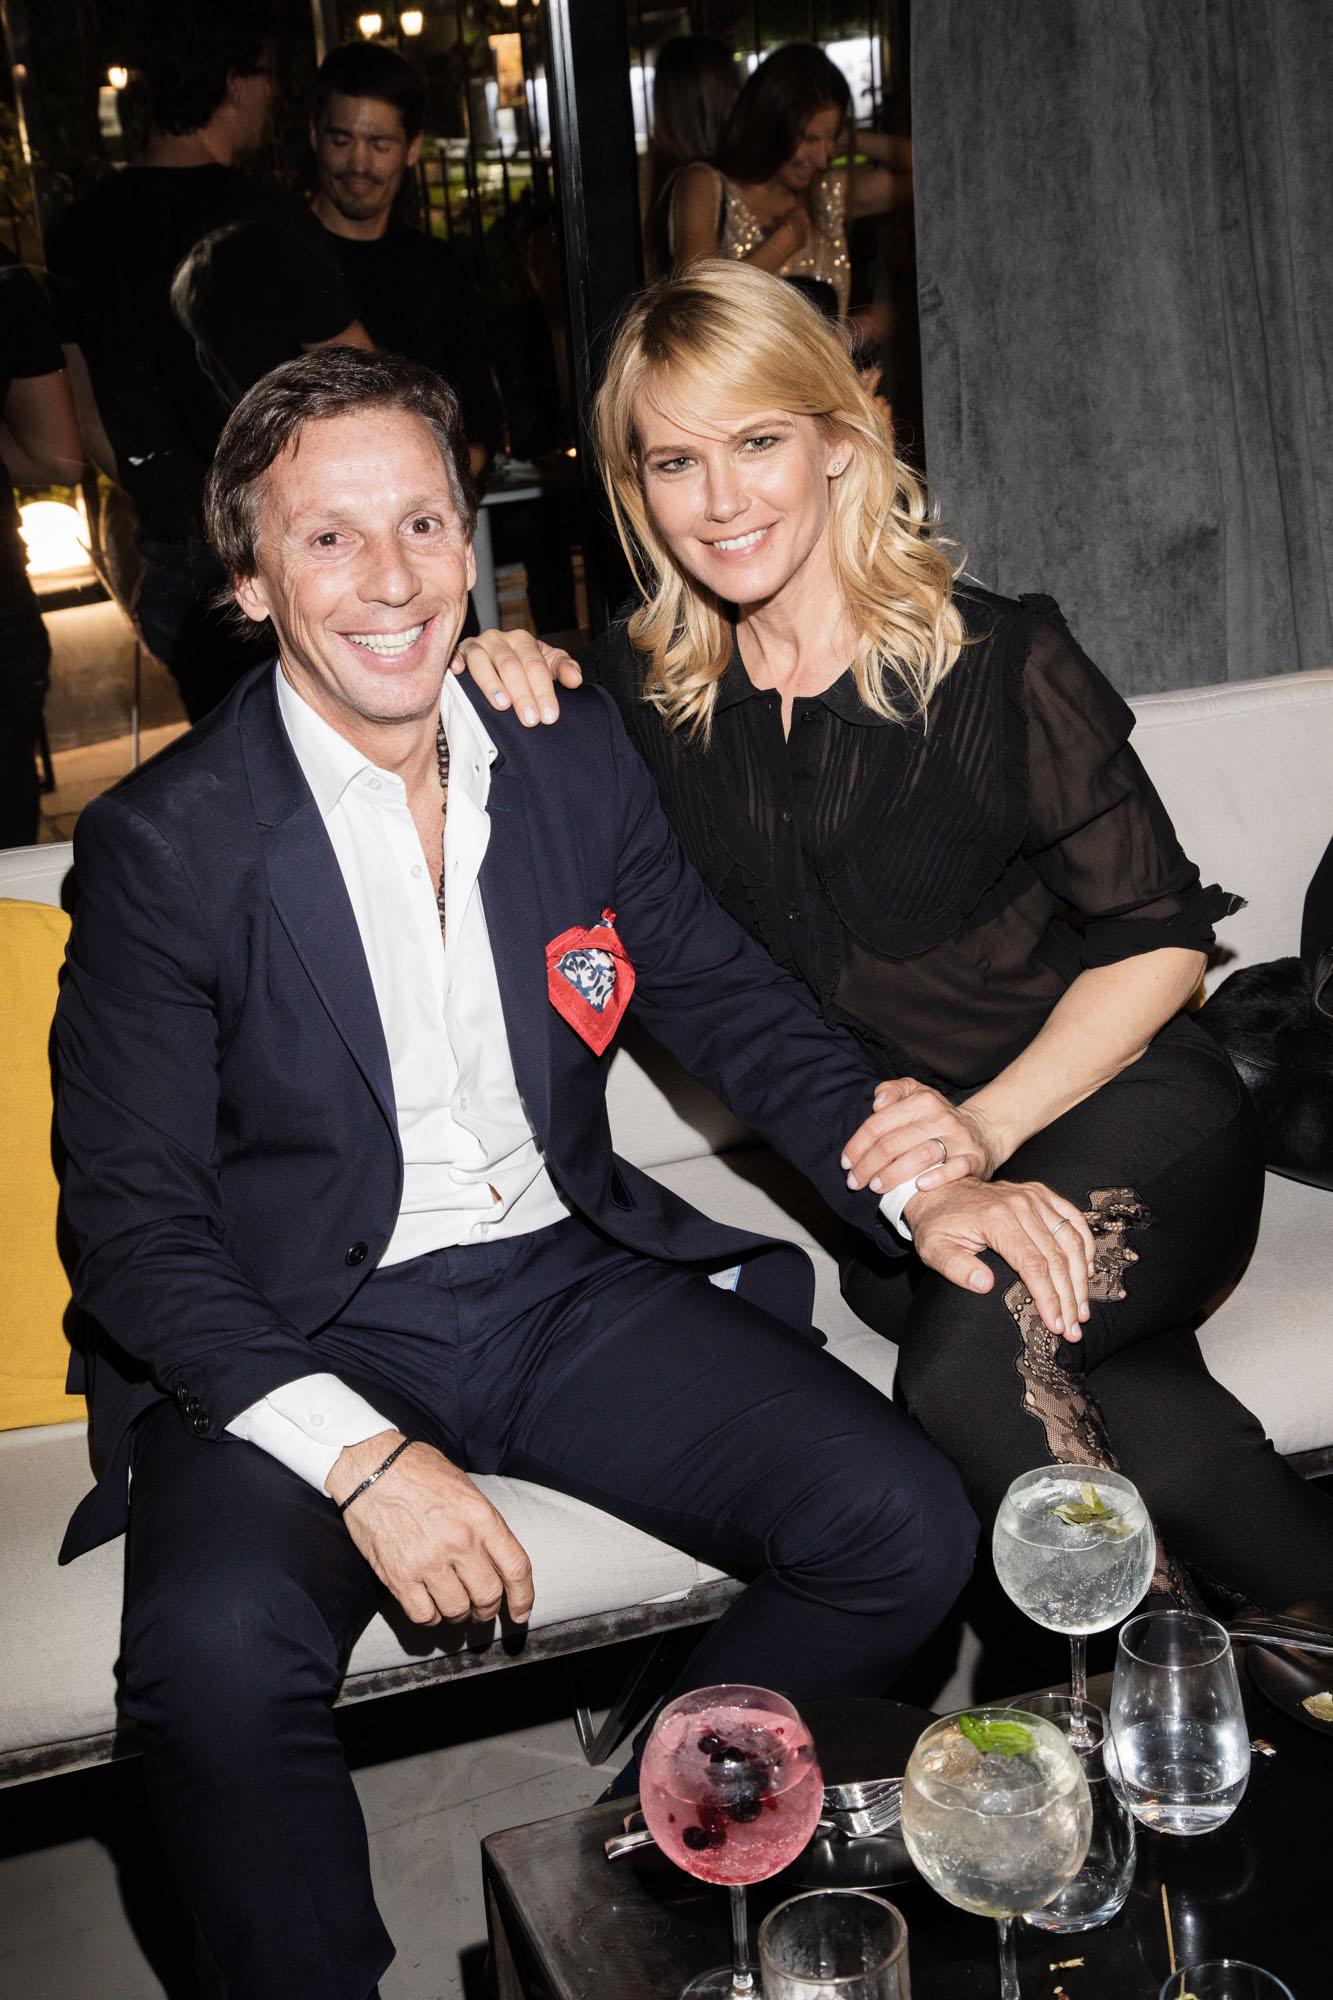 Alejandro Gravier y Valeria Mazza estuvieron entre los invitados VIP que asistieron a la inauguración, en Recoleta